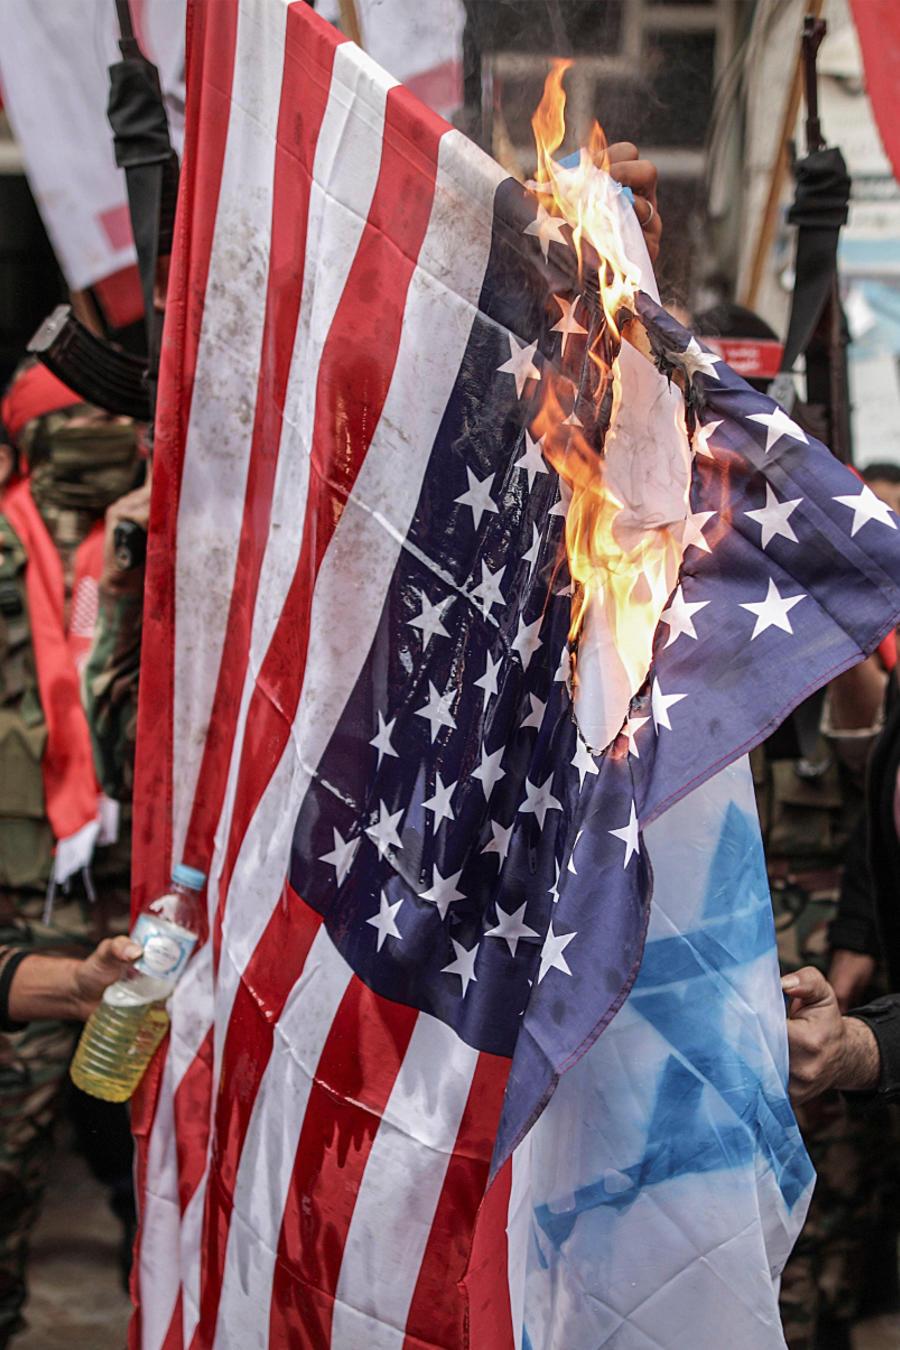 Cientos de manifestantes en Gaza queman fotos de Trump y banderas de EEUU por el traslado de la embajada a Israel.